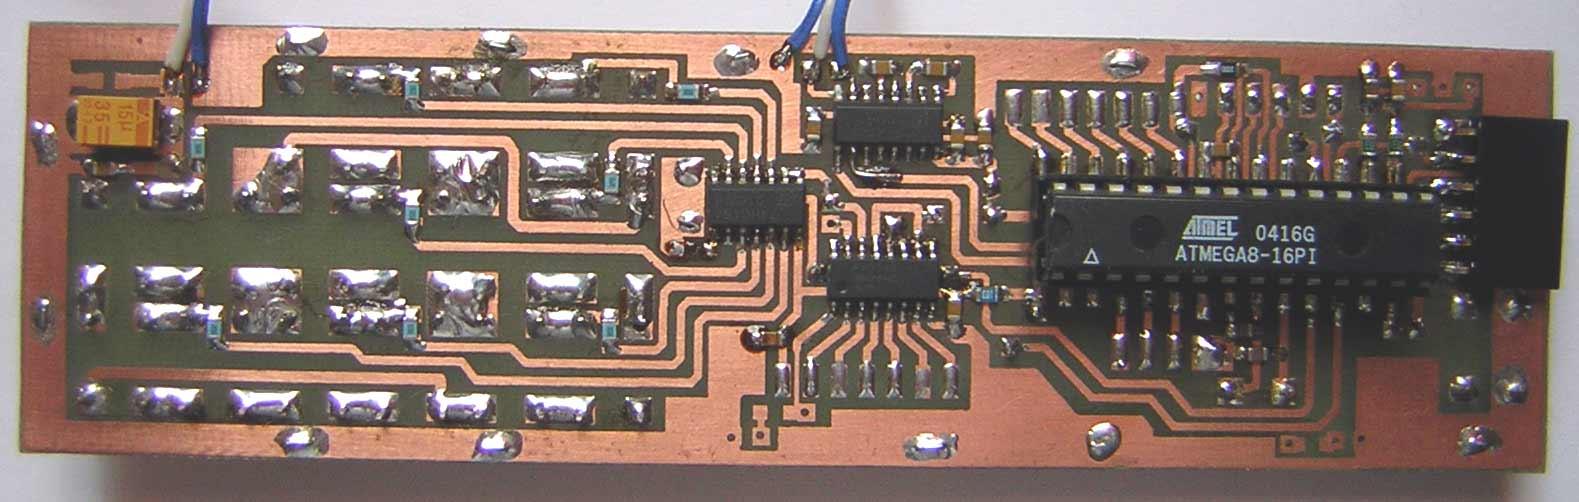 печатная схема для atmega8